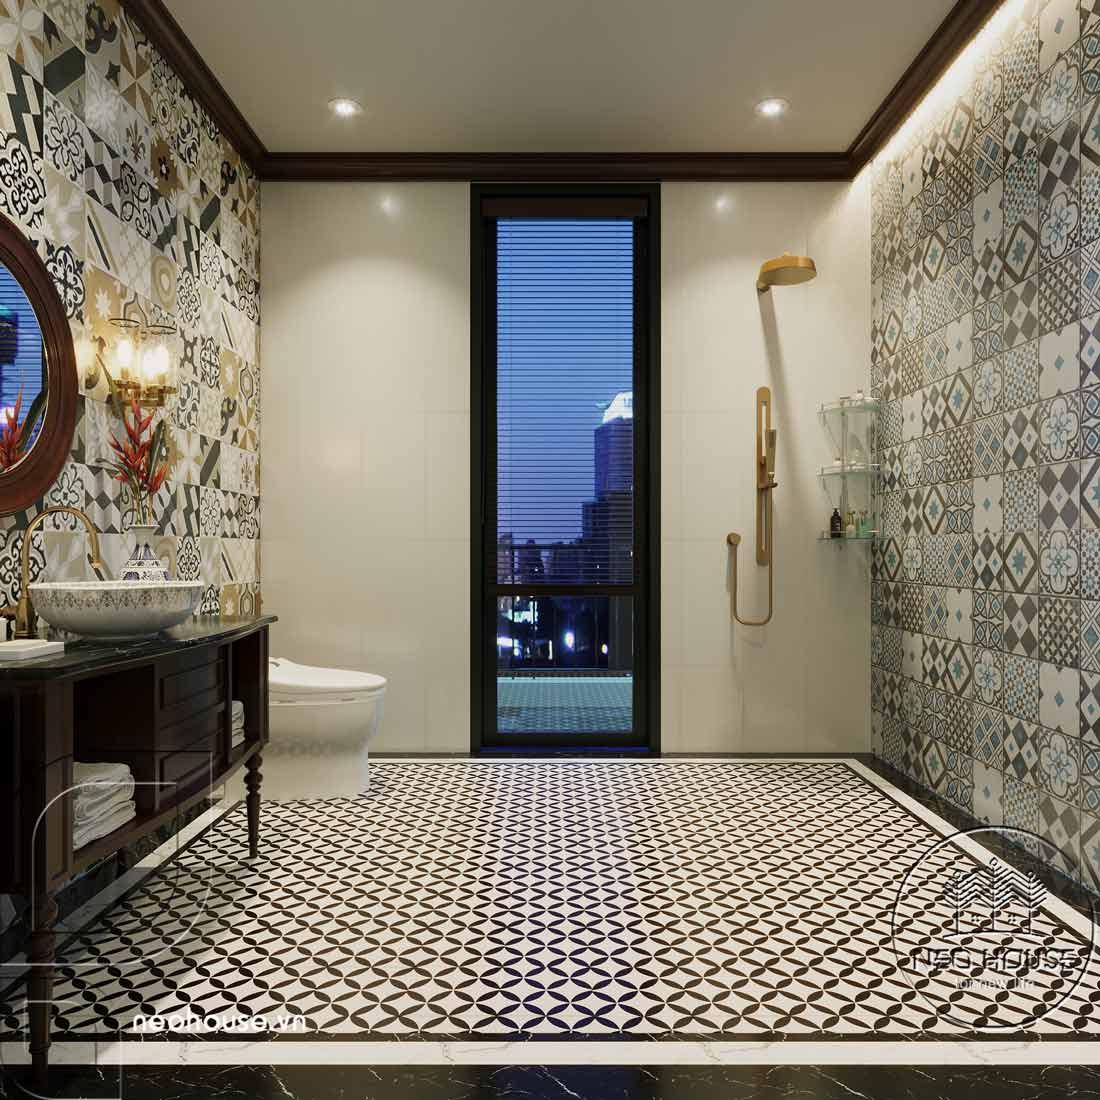 Thiết kế nội thất phong cách Indochine. Ảnh 18